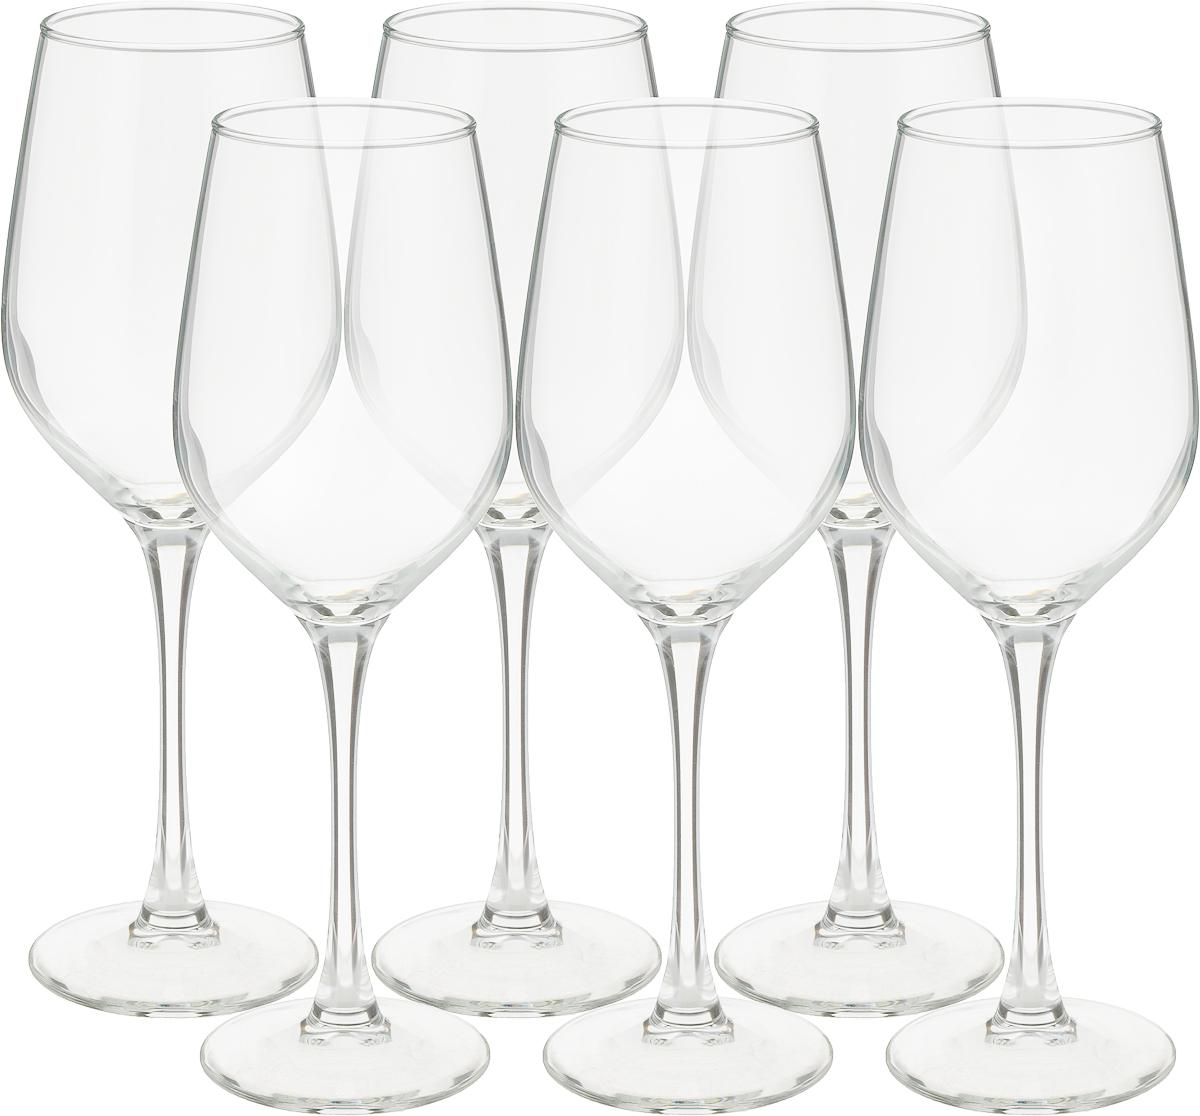 Набор фужеров для вина Luminarc Селест, 350 мл, 6 шт наземный высокий светильник fumagalli globe 250 g25 158 000 aye27